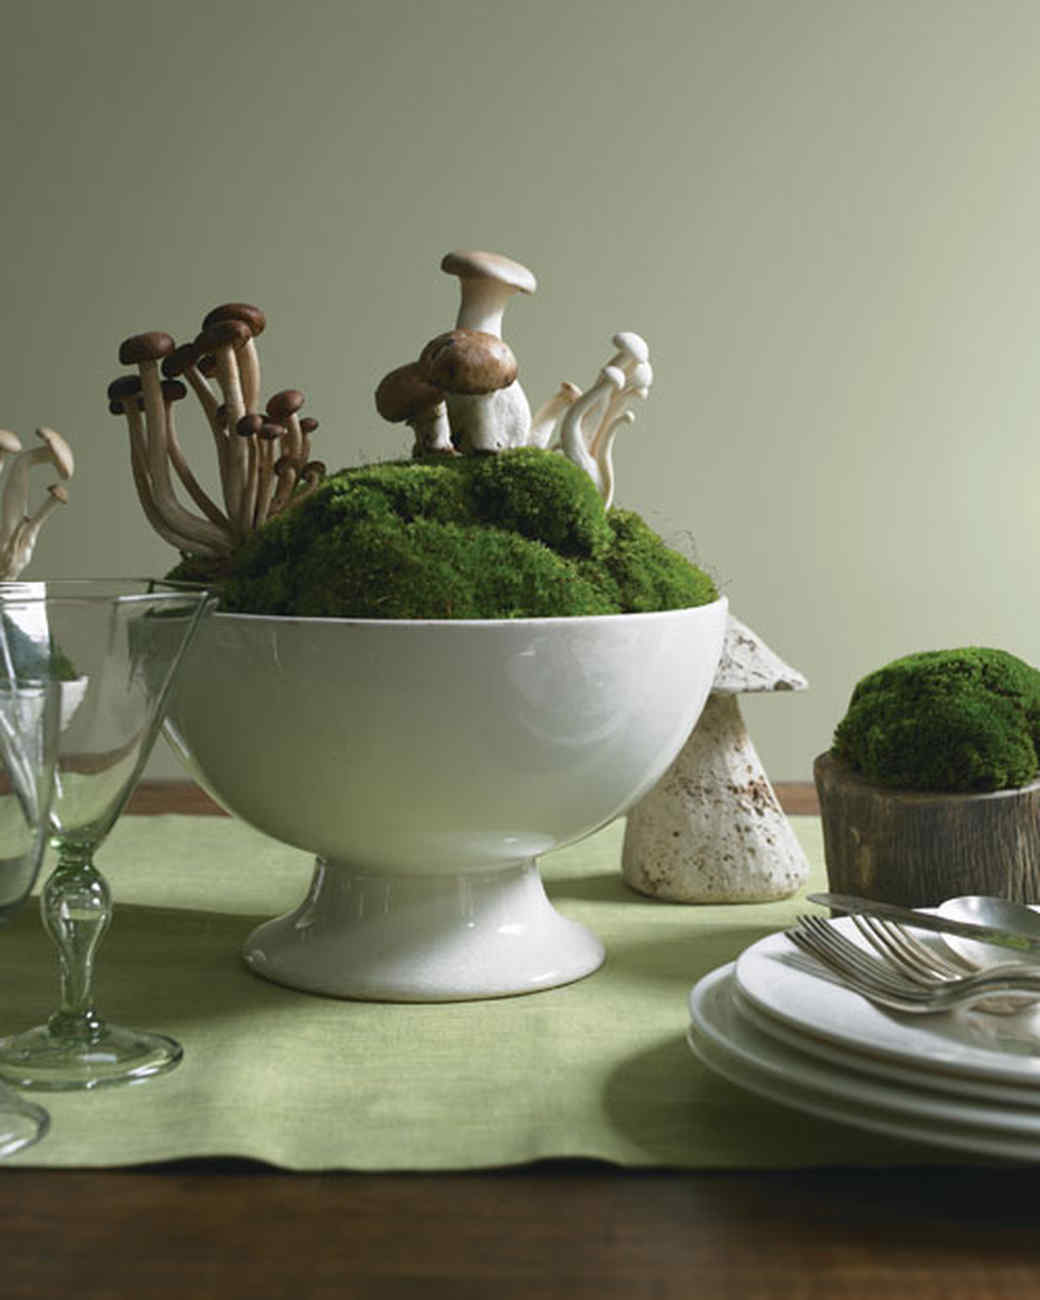 Mushroom And Moss Centerpiece Pinterest Facebook MORE Comment Twitter Google Source Martha Stewart Living